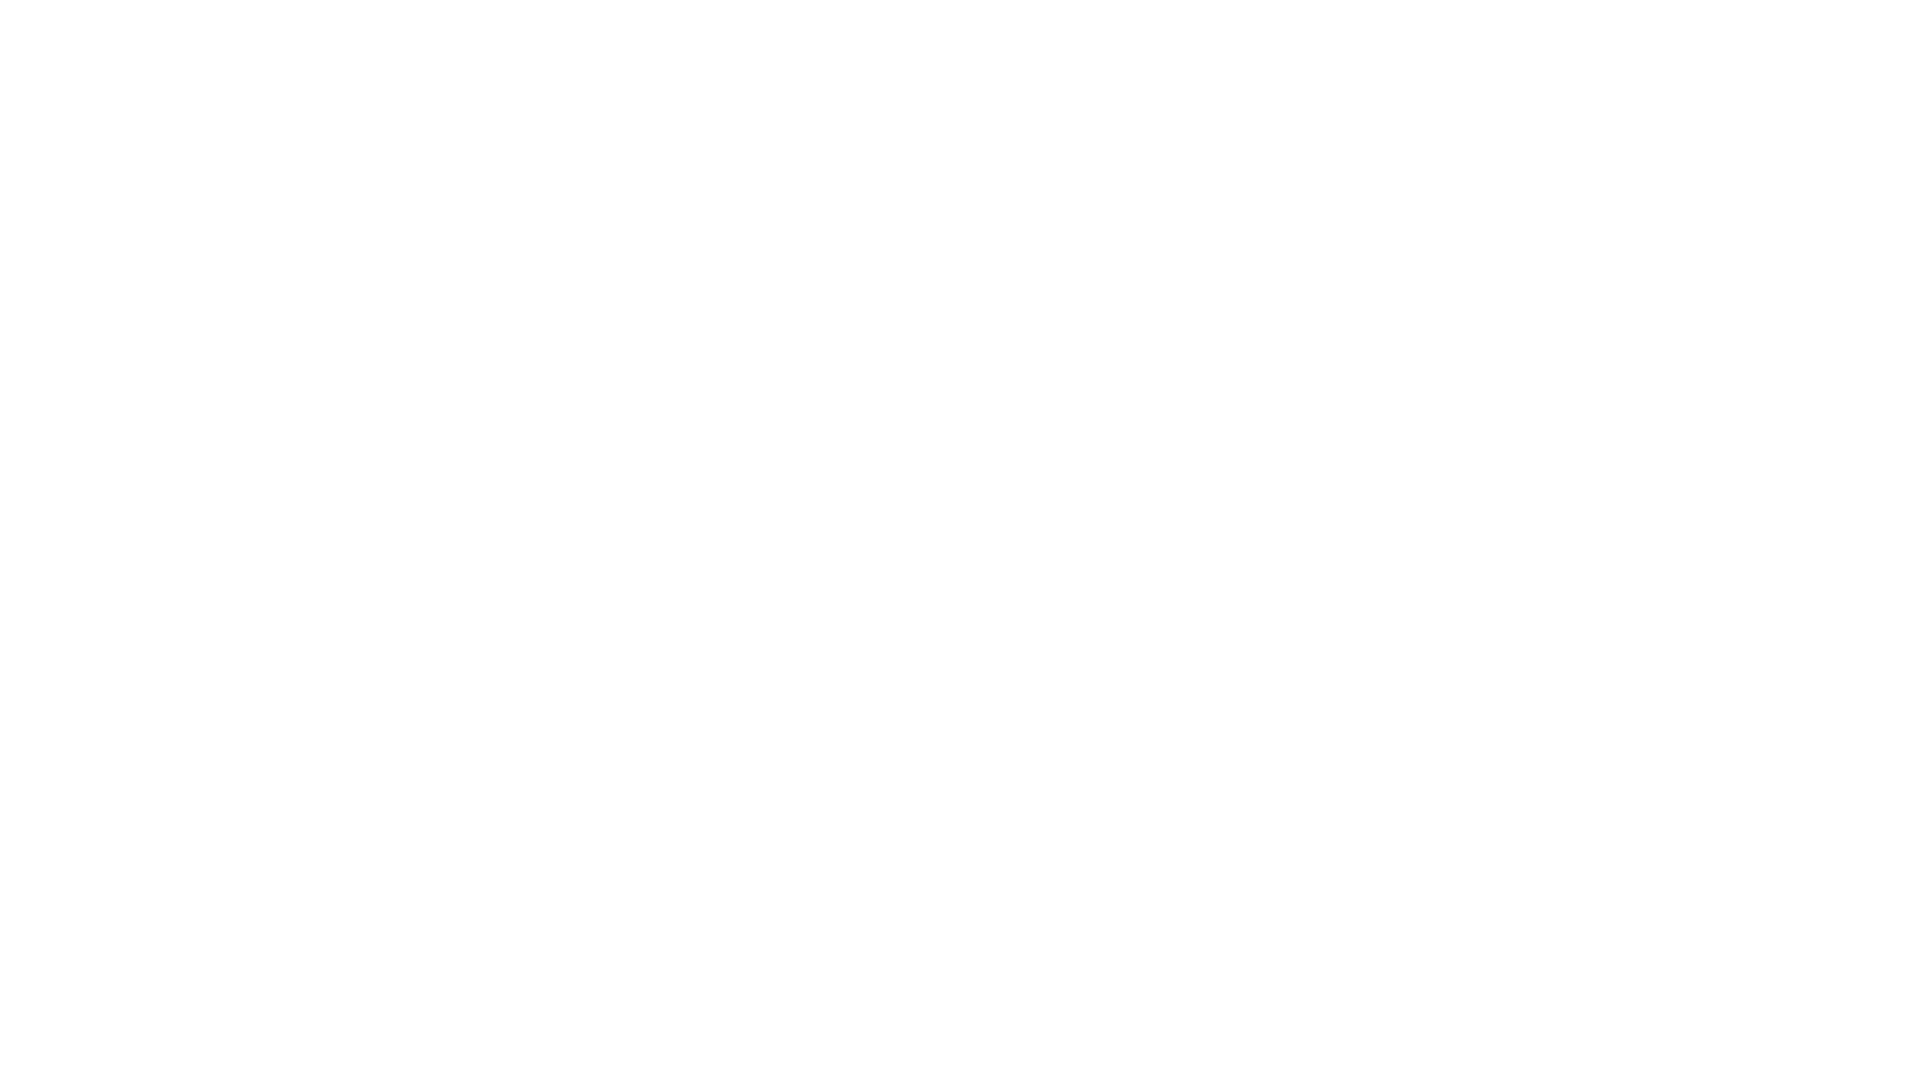 ※100個限定販売 至高下半身盗撮 プレミアム Vol.24 ハイビジョン ギャル攻め 濡れ場動画紹介 112画像 107